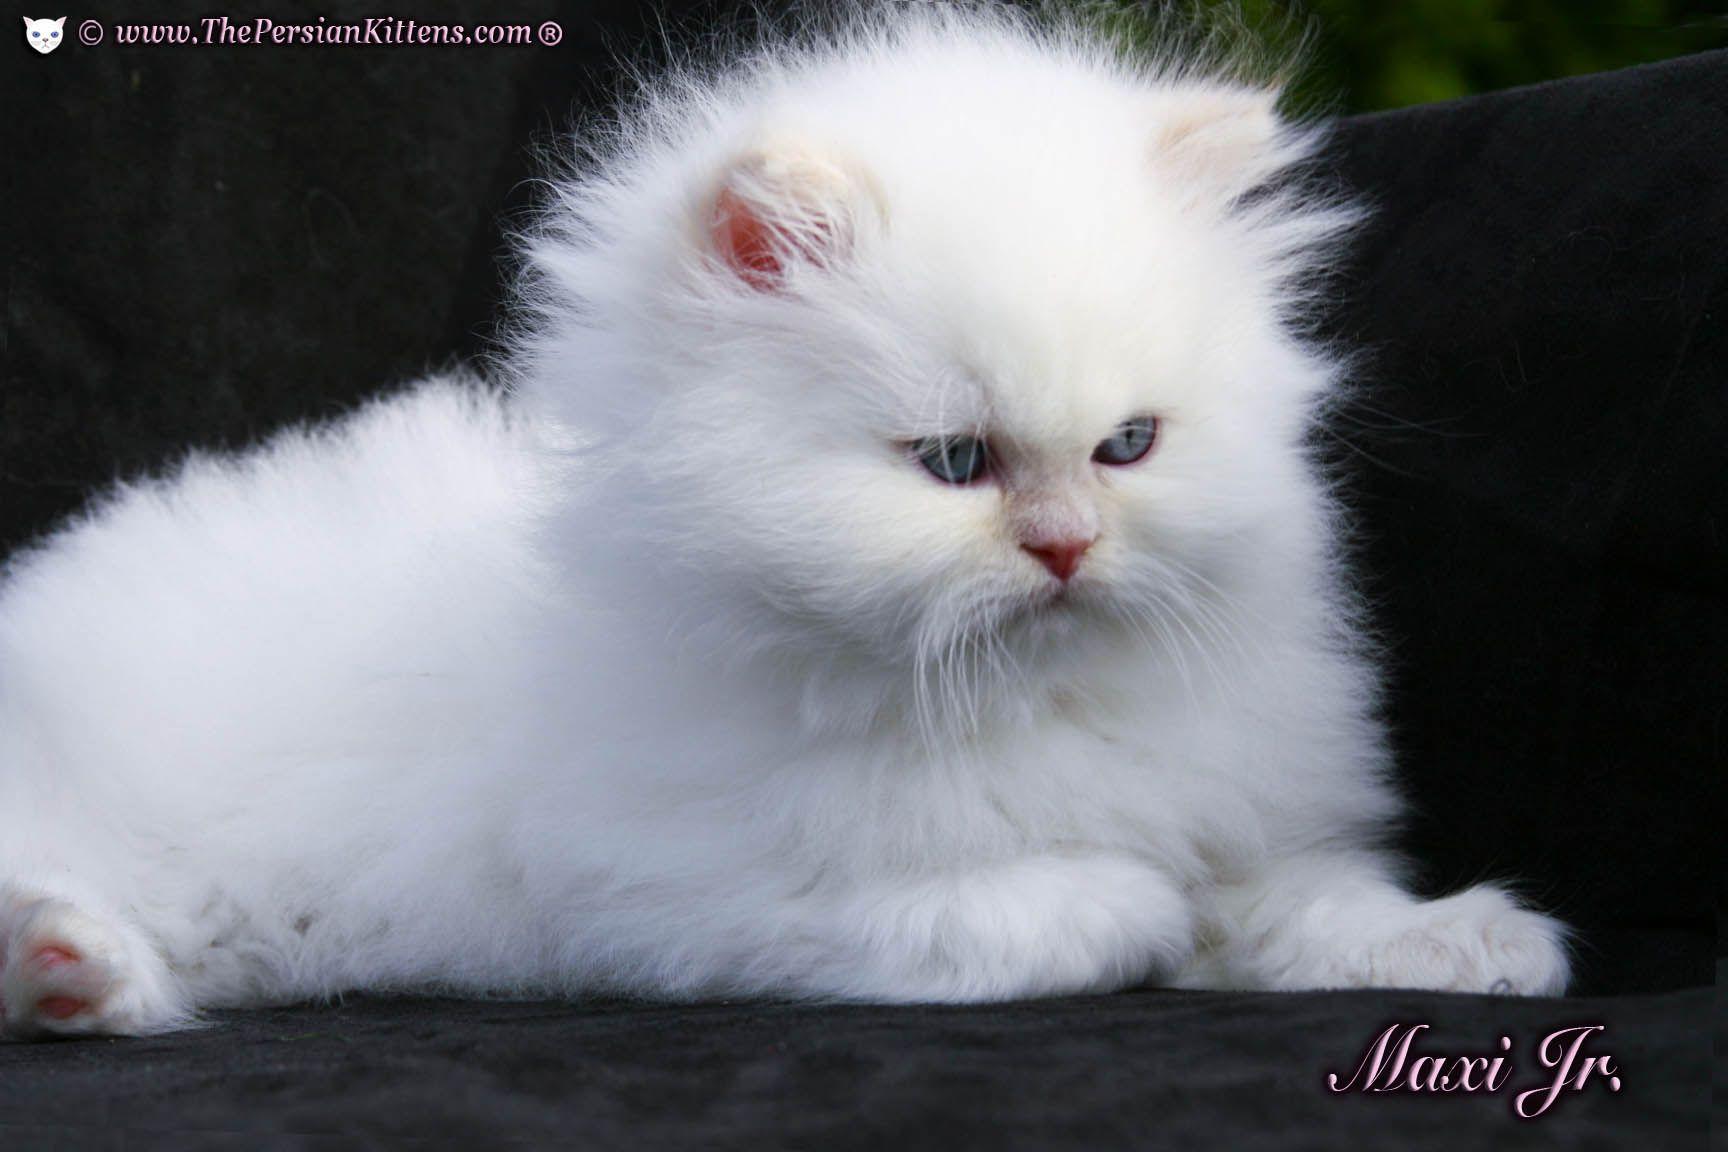 kittens Persian Kittens® Health Guarantee & The Persian